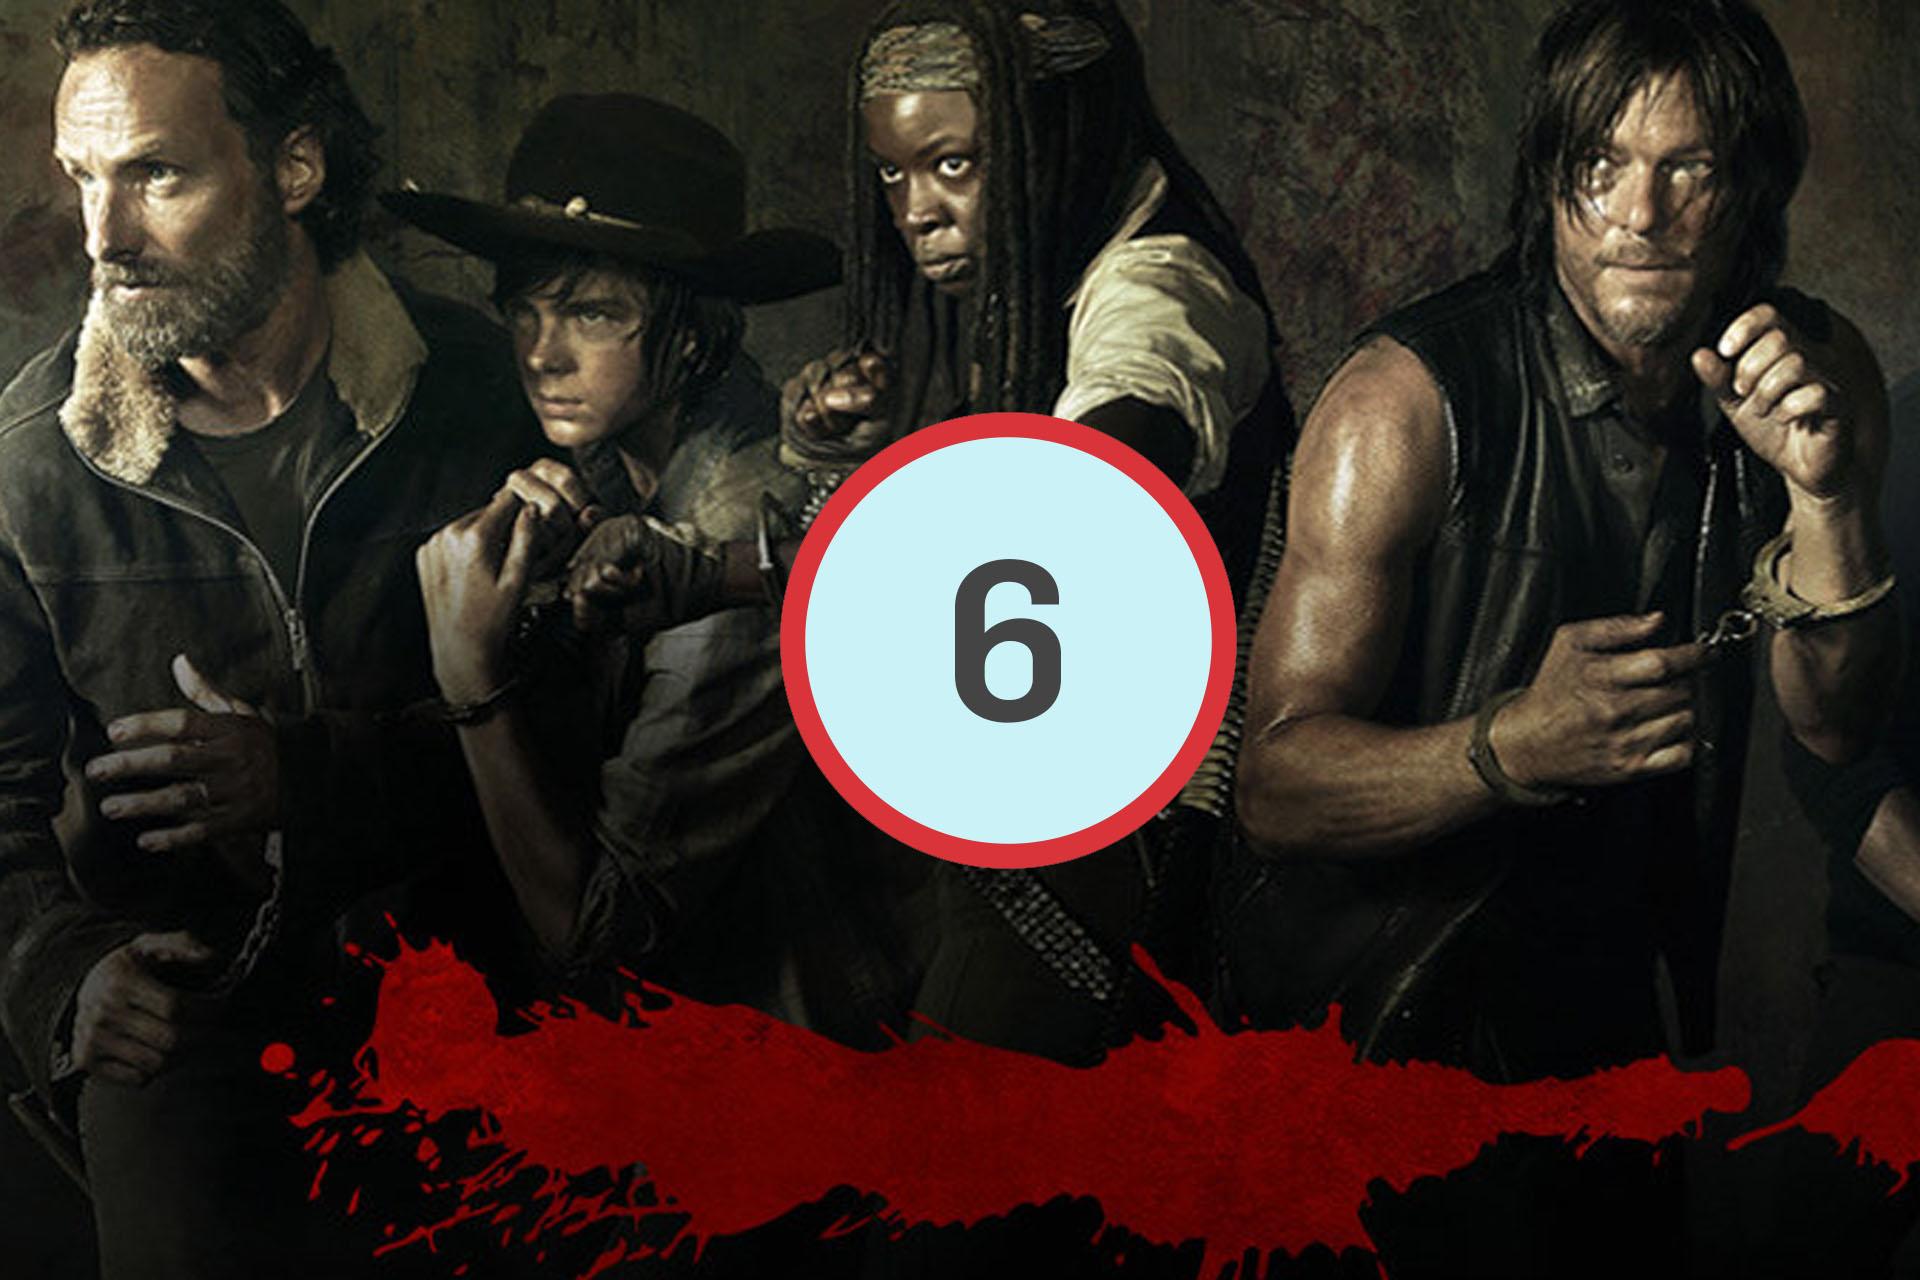 Los comerciales de 6 segundos llegan a The Walking Dead